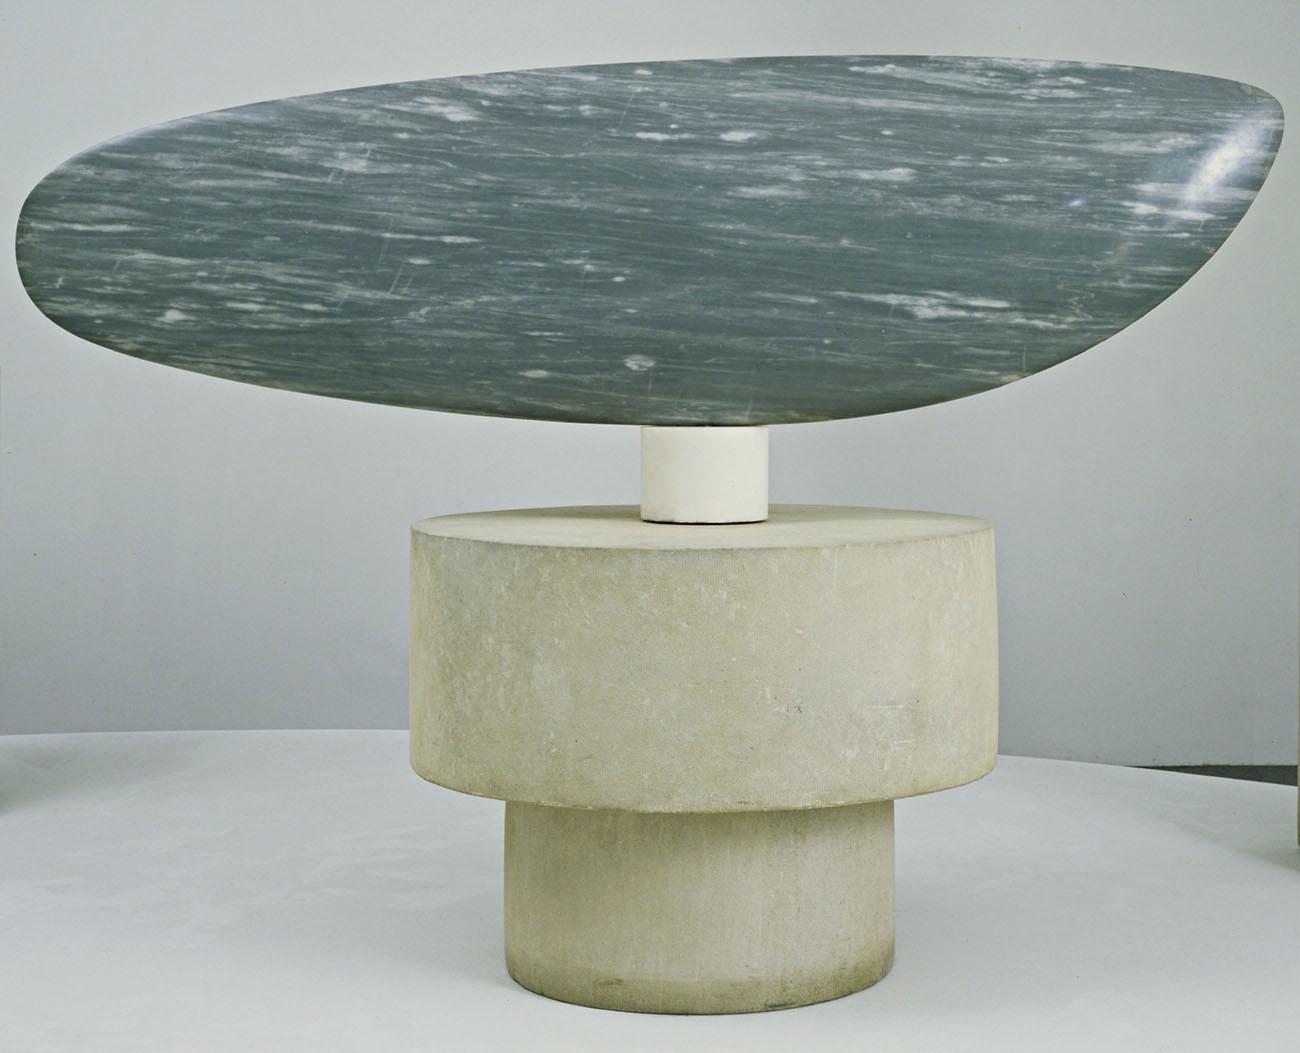 Constantin Brancusi Sculpture image